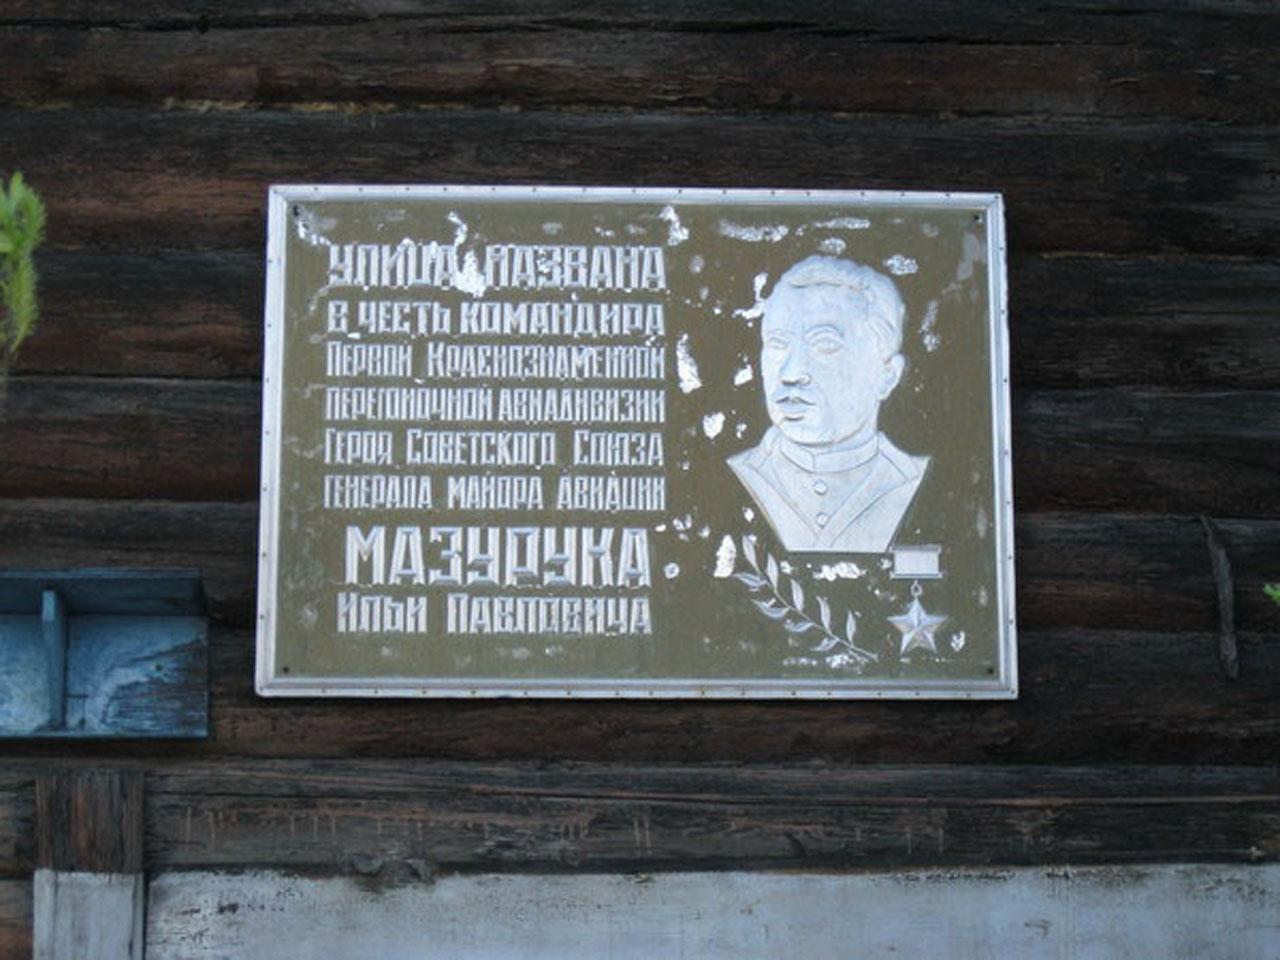 Памятная доска Мазуруку И.П. на стене аэровокзала. Аэропорт Сеймчан.